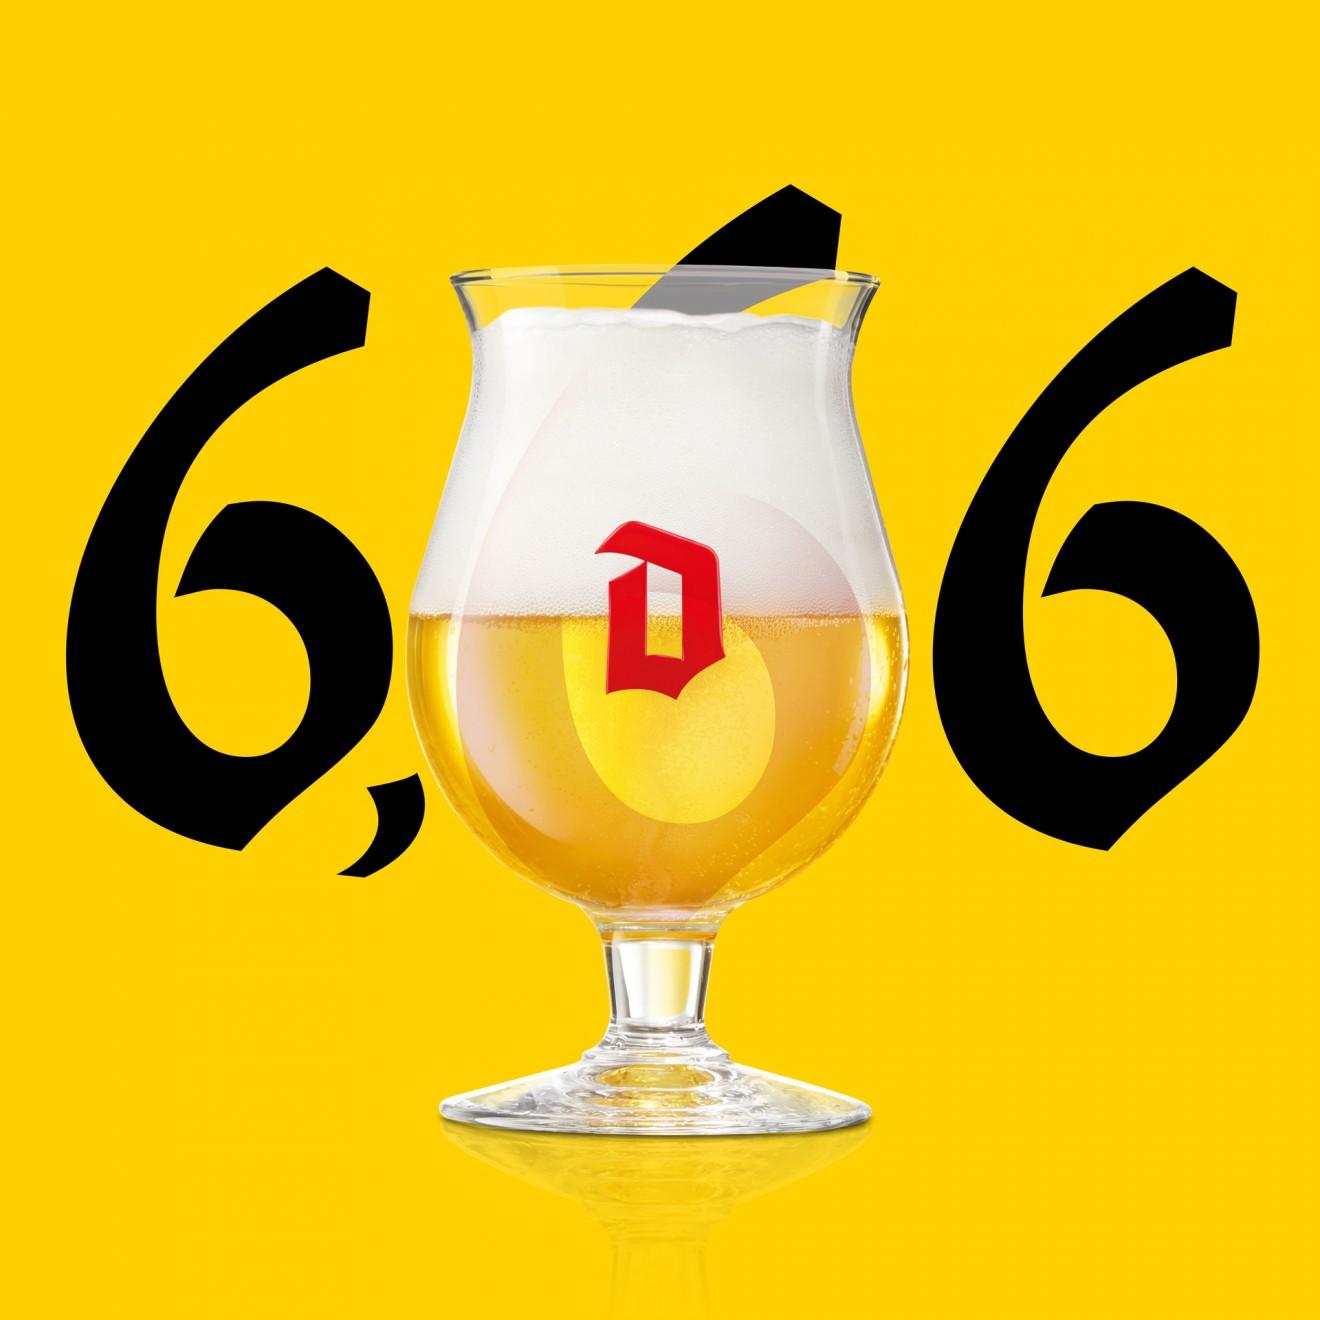 Quatre Mains package design - glass, D, icon, devil